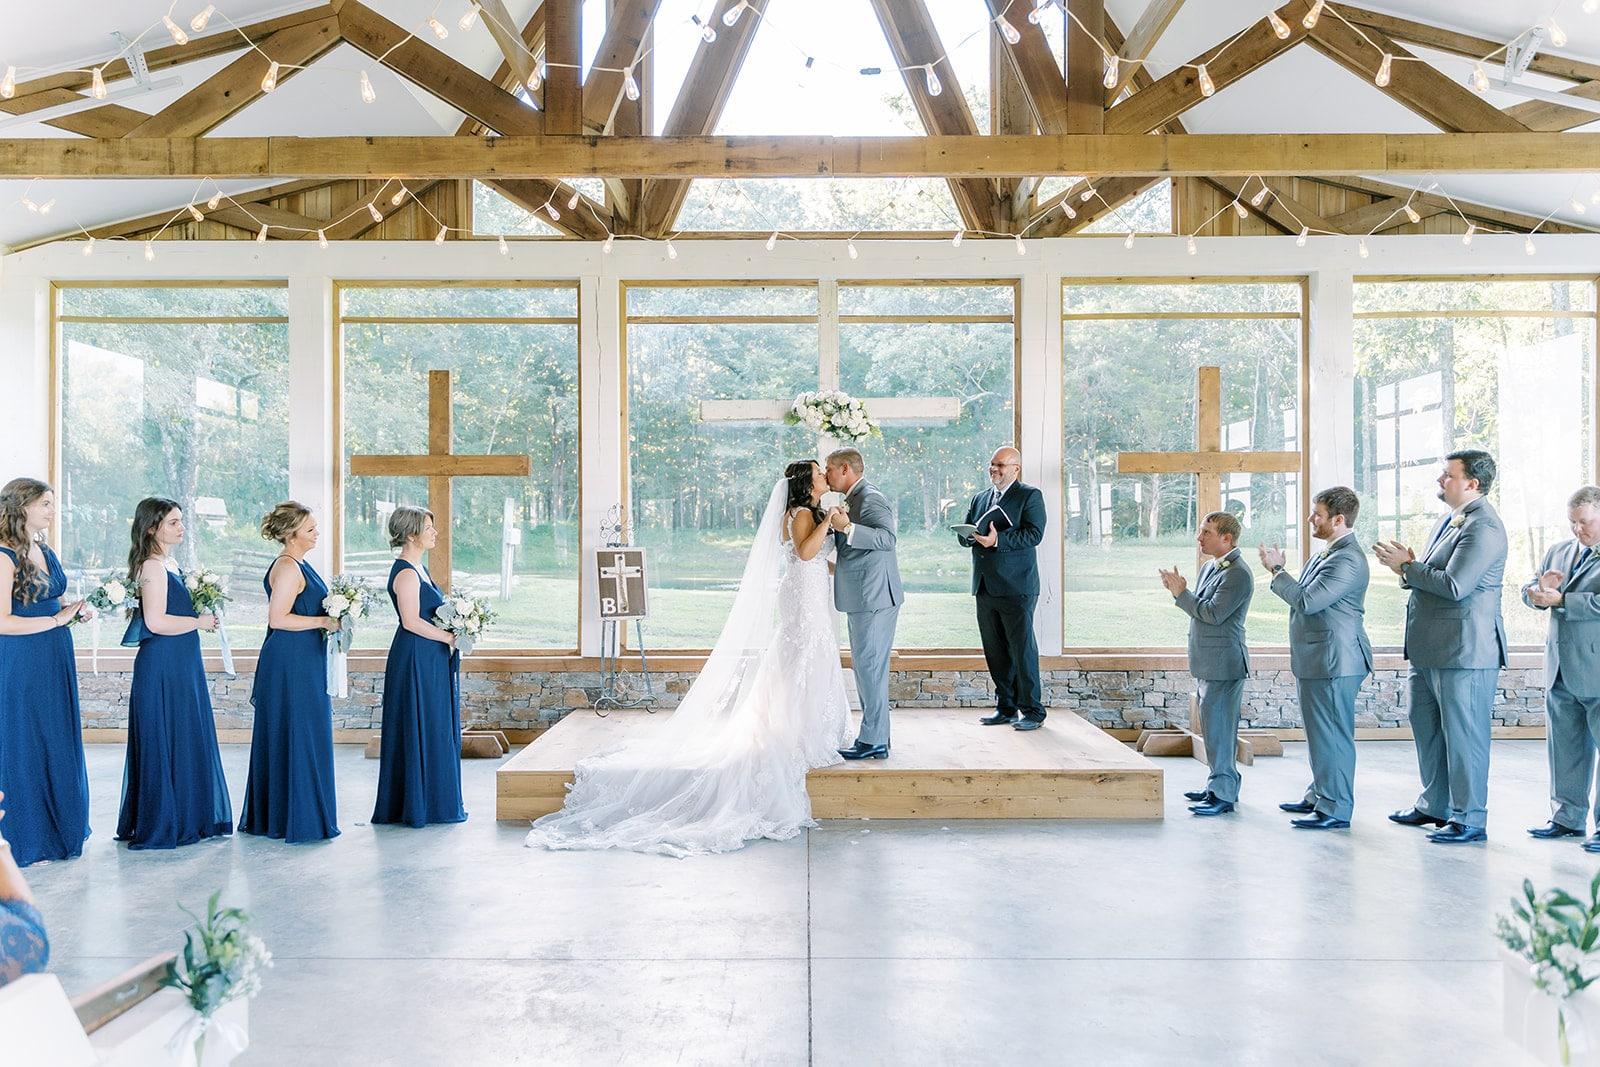 Grace Valley Farm wedding ceremony | Nashville Bride Guide